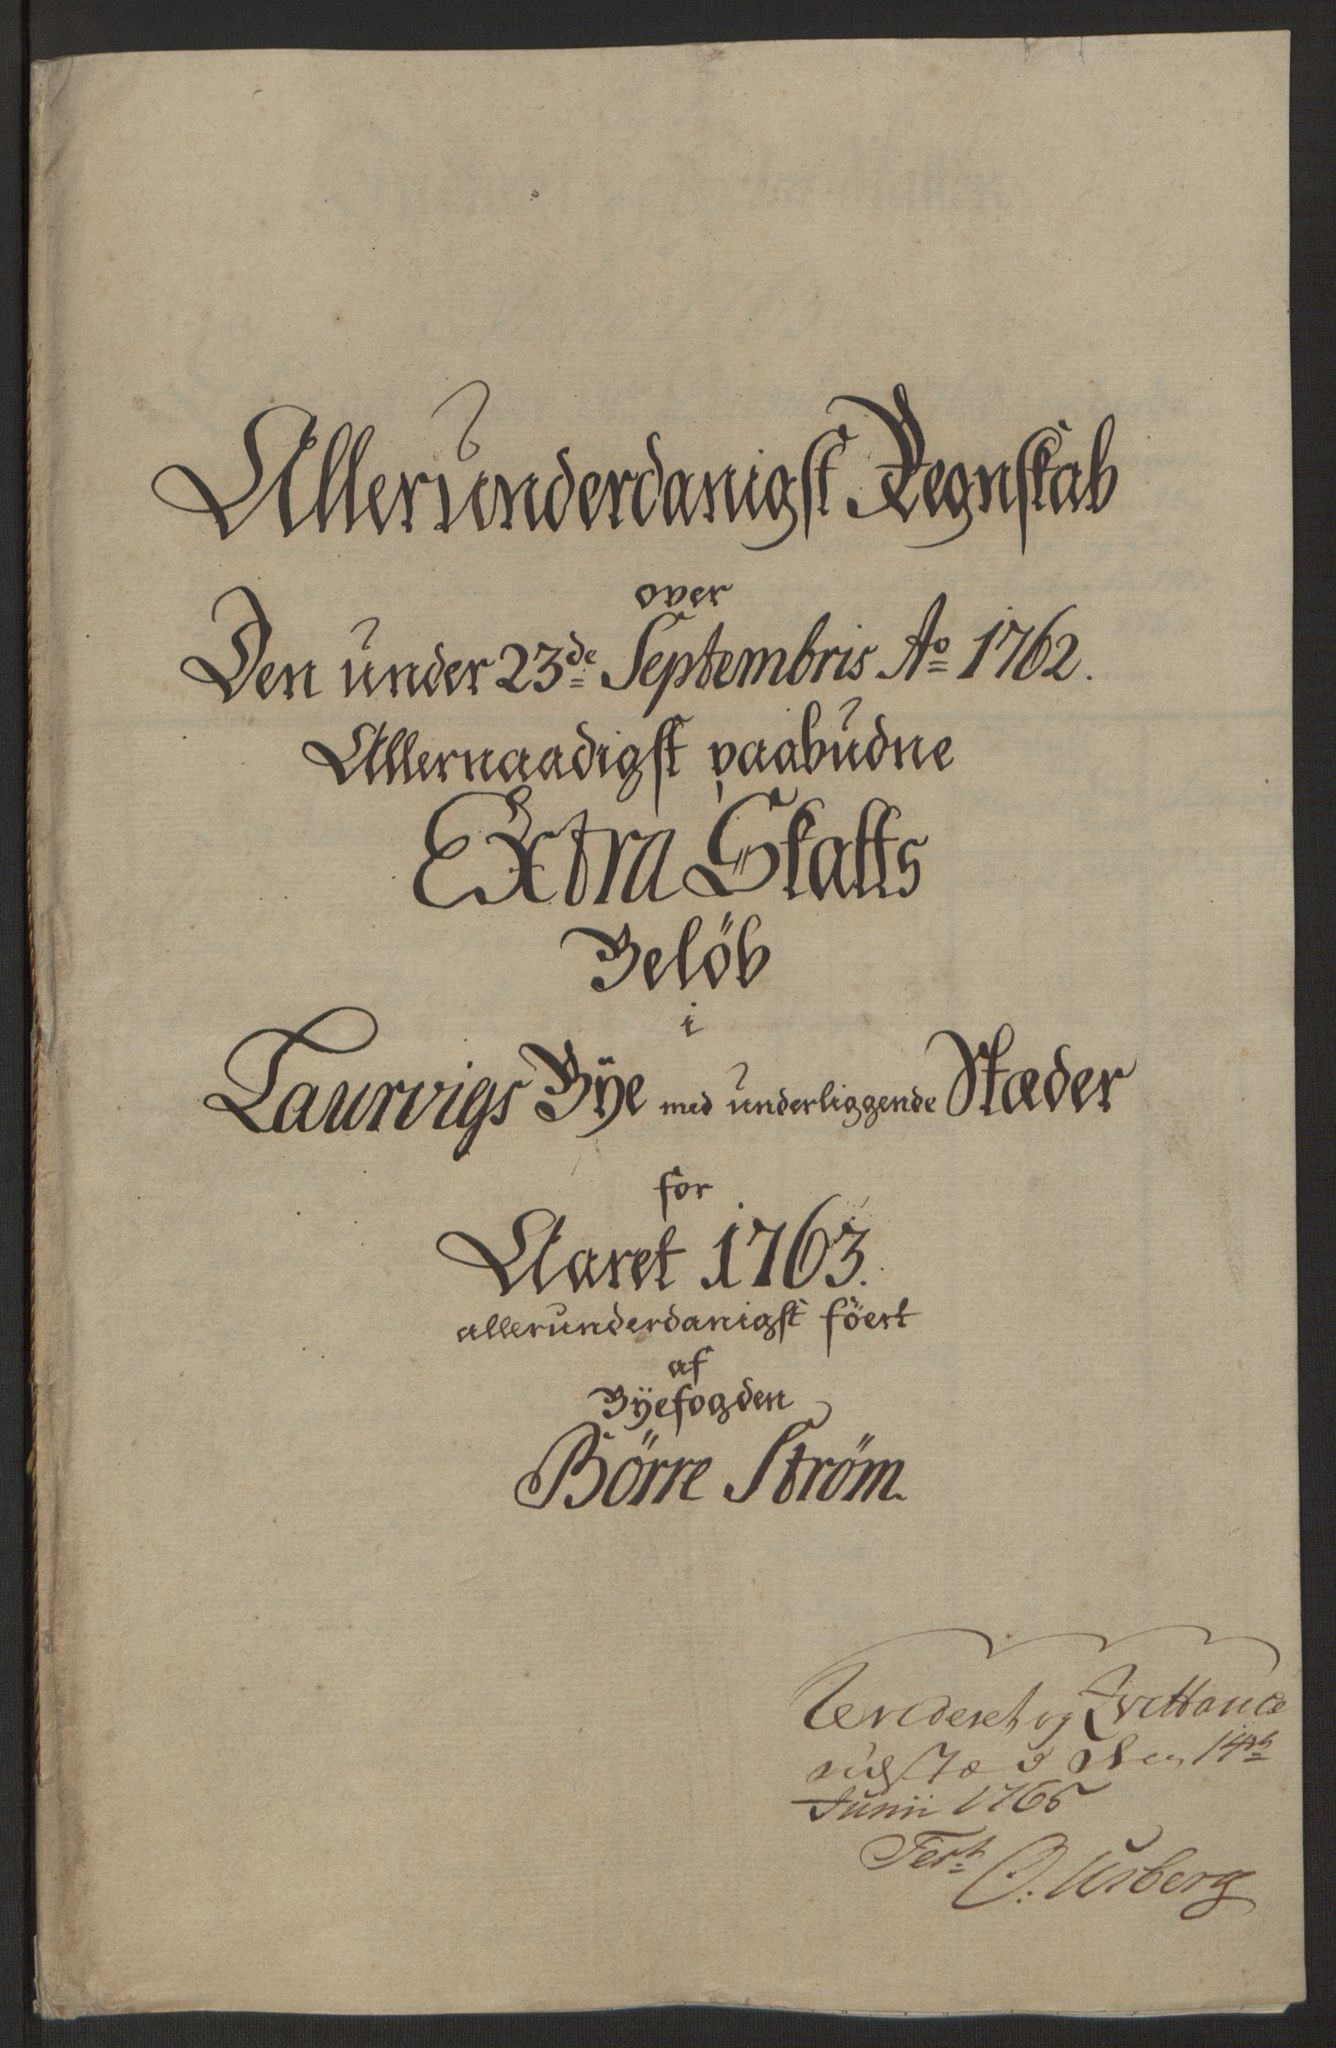 RA, Rentekammeret inntil 1814, Reviderte regnskaper, Byregnskaper, R/Ri/L0183: [I4] Kontribusjonsregnskap, 1762-1768, s. 81